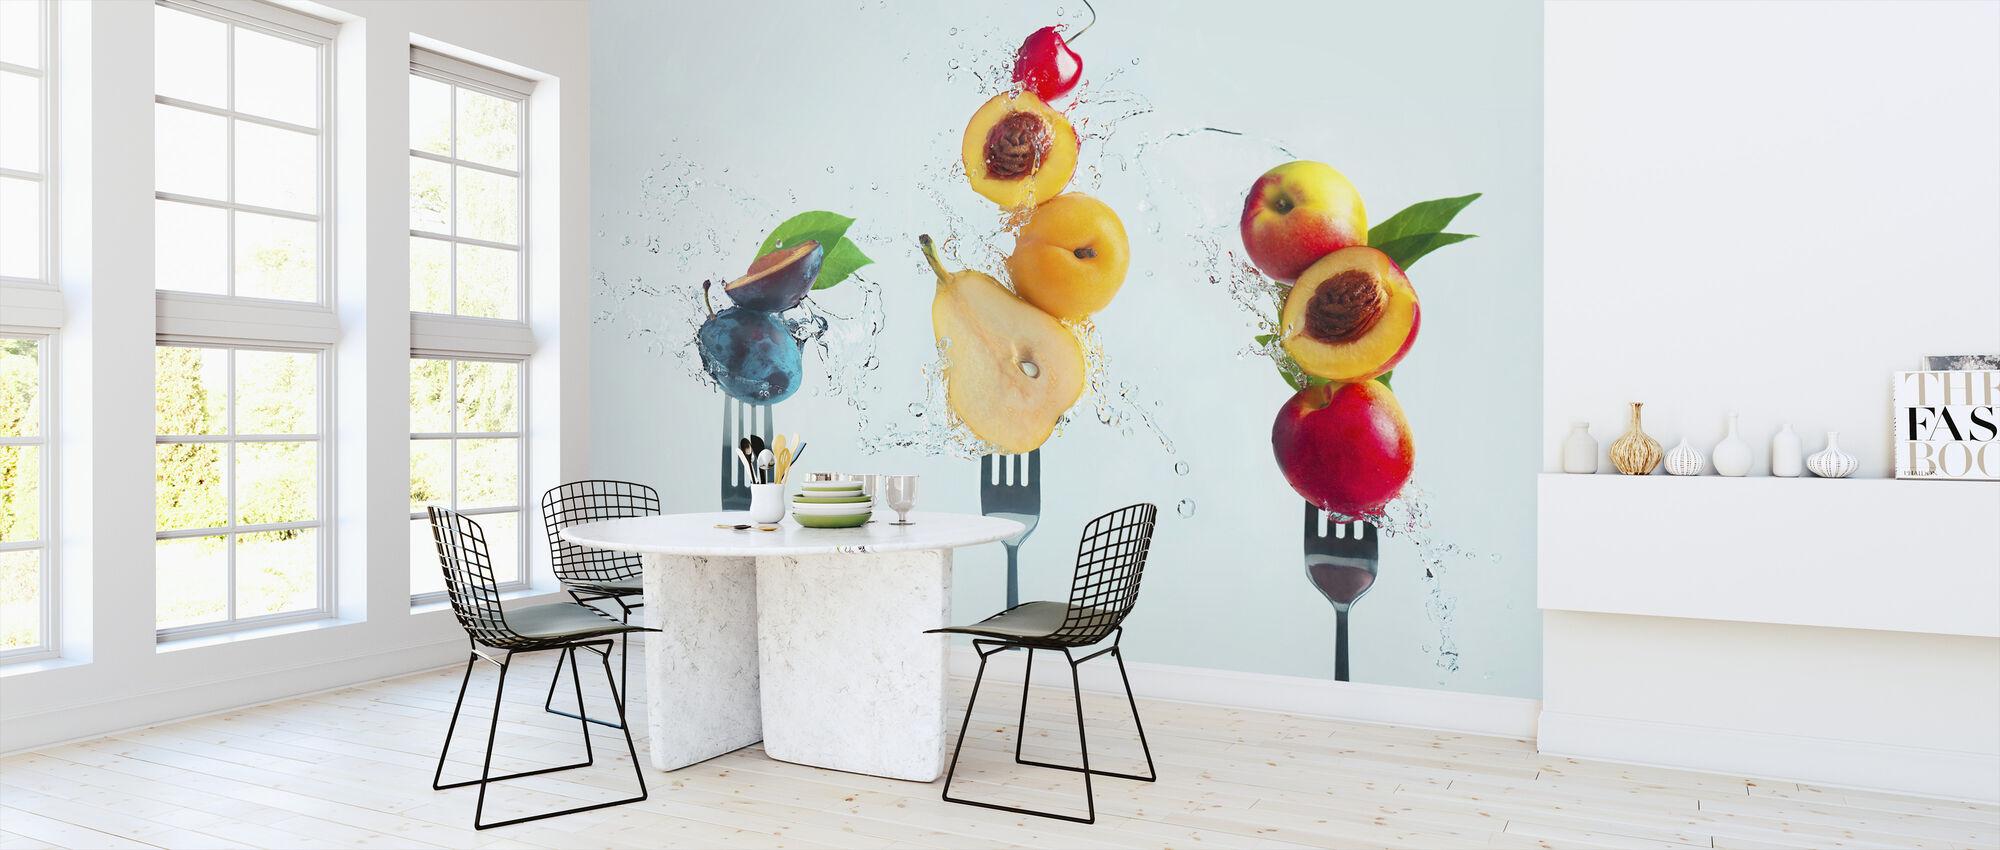 Göra fruktsallad - Tapet - Kök